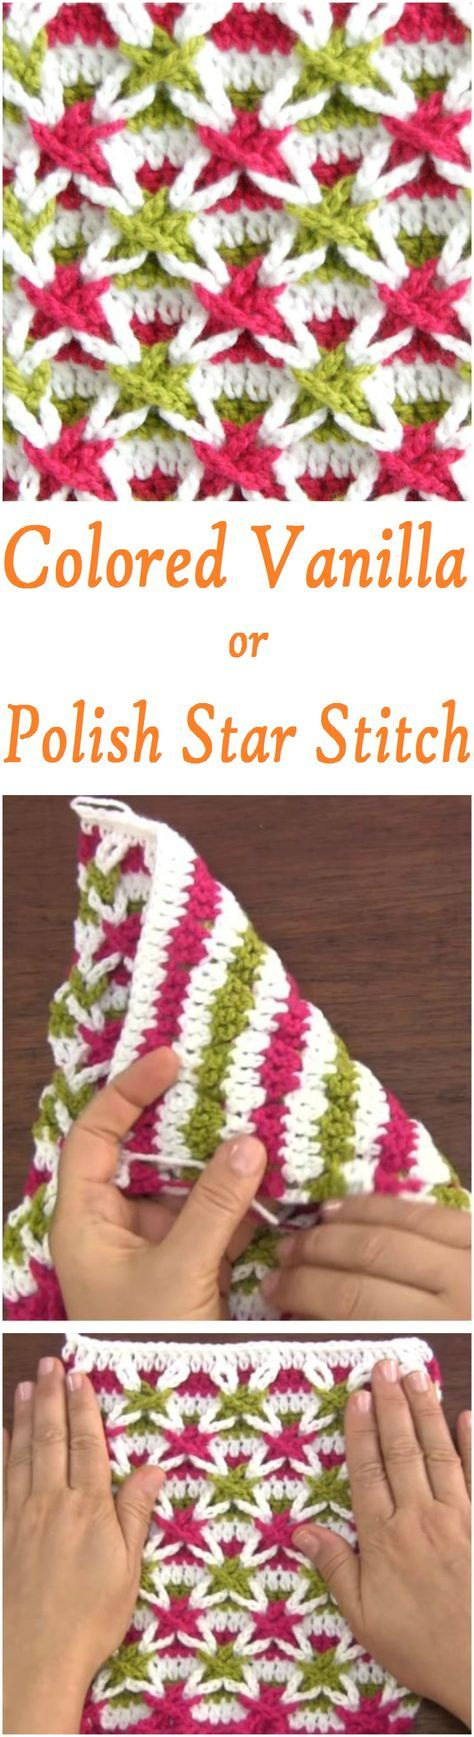 Crochet Polish star or Vanilla Star   Muster häkeln   Pinterest ...